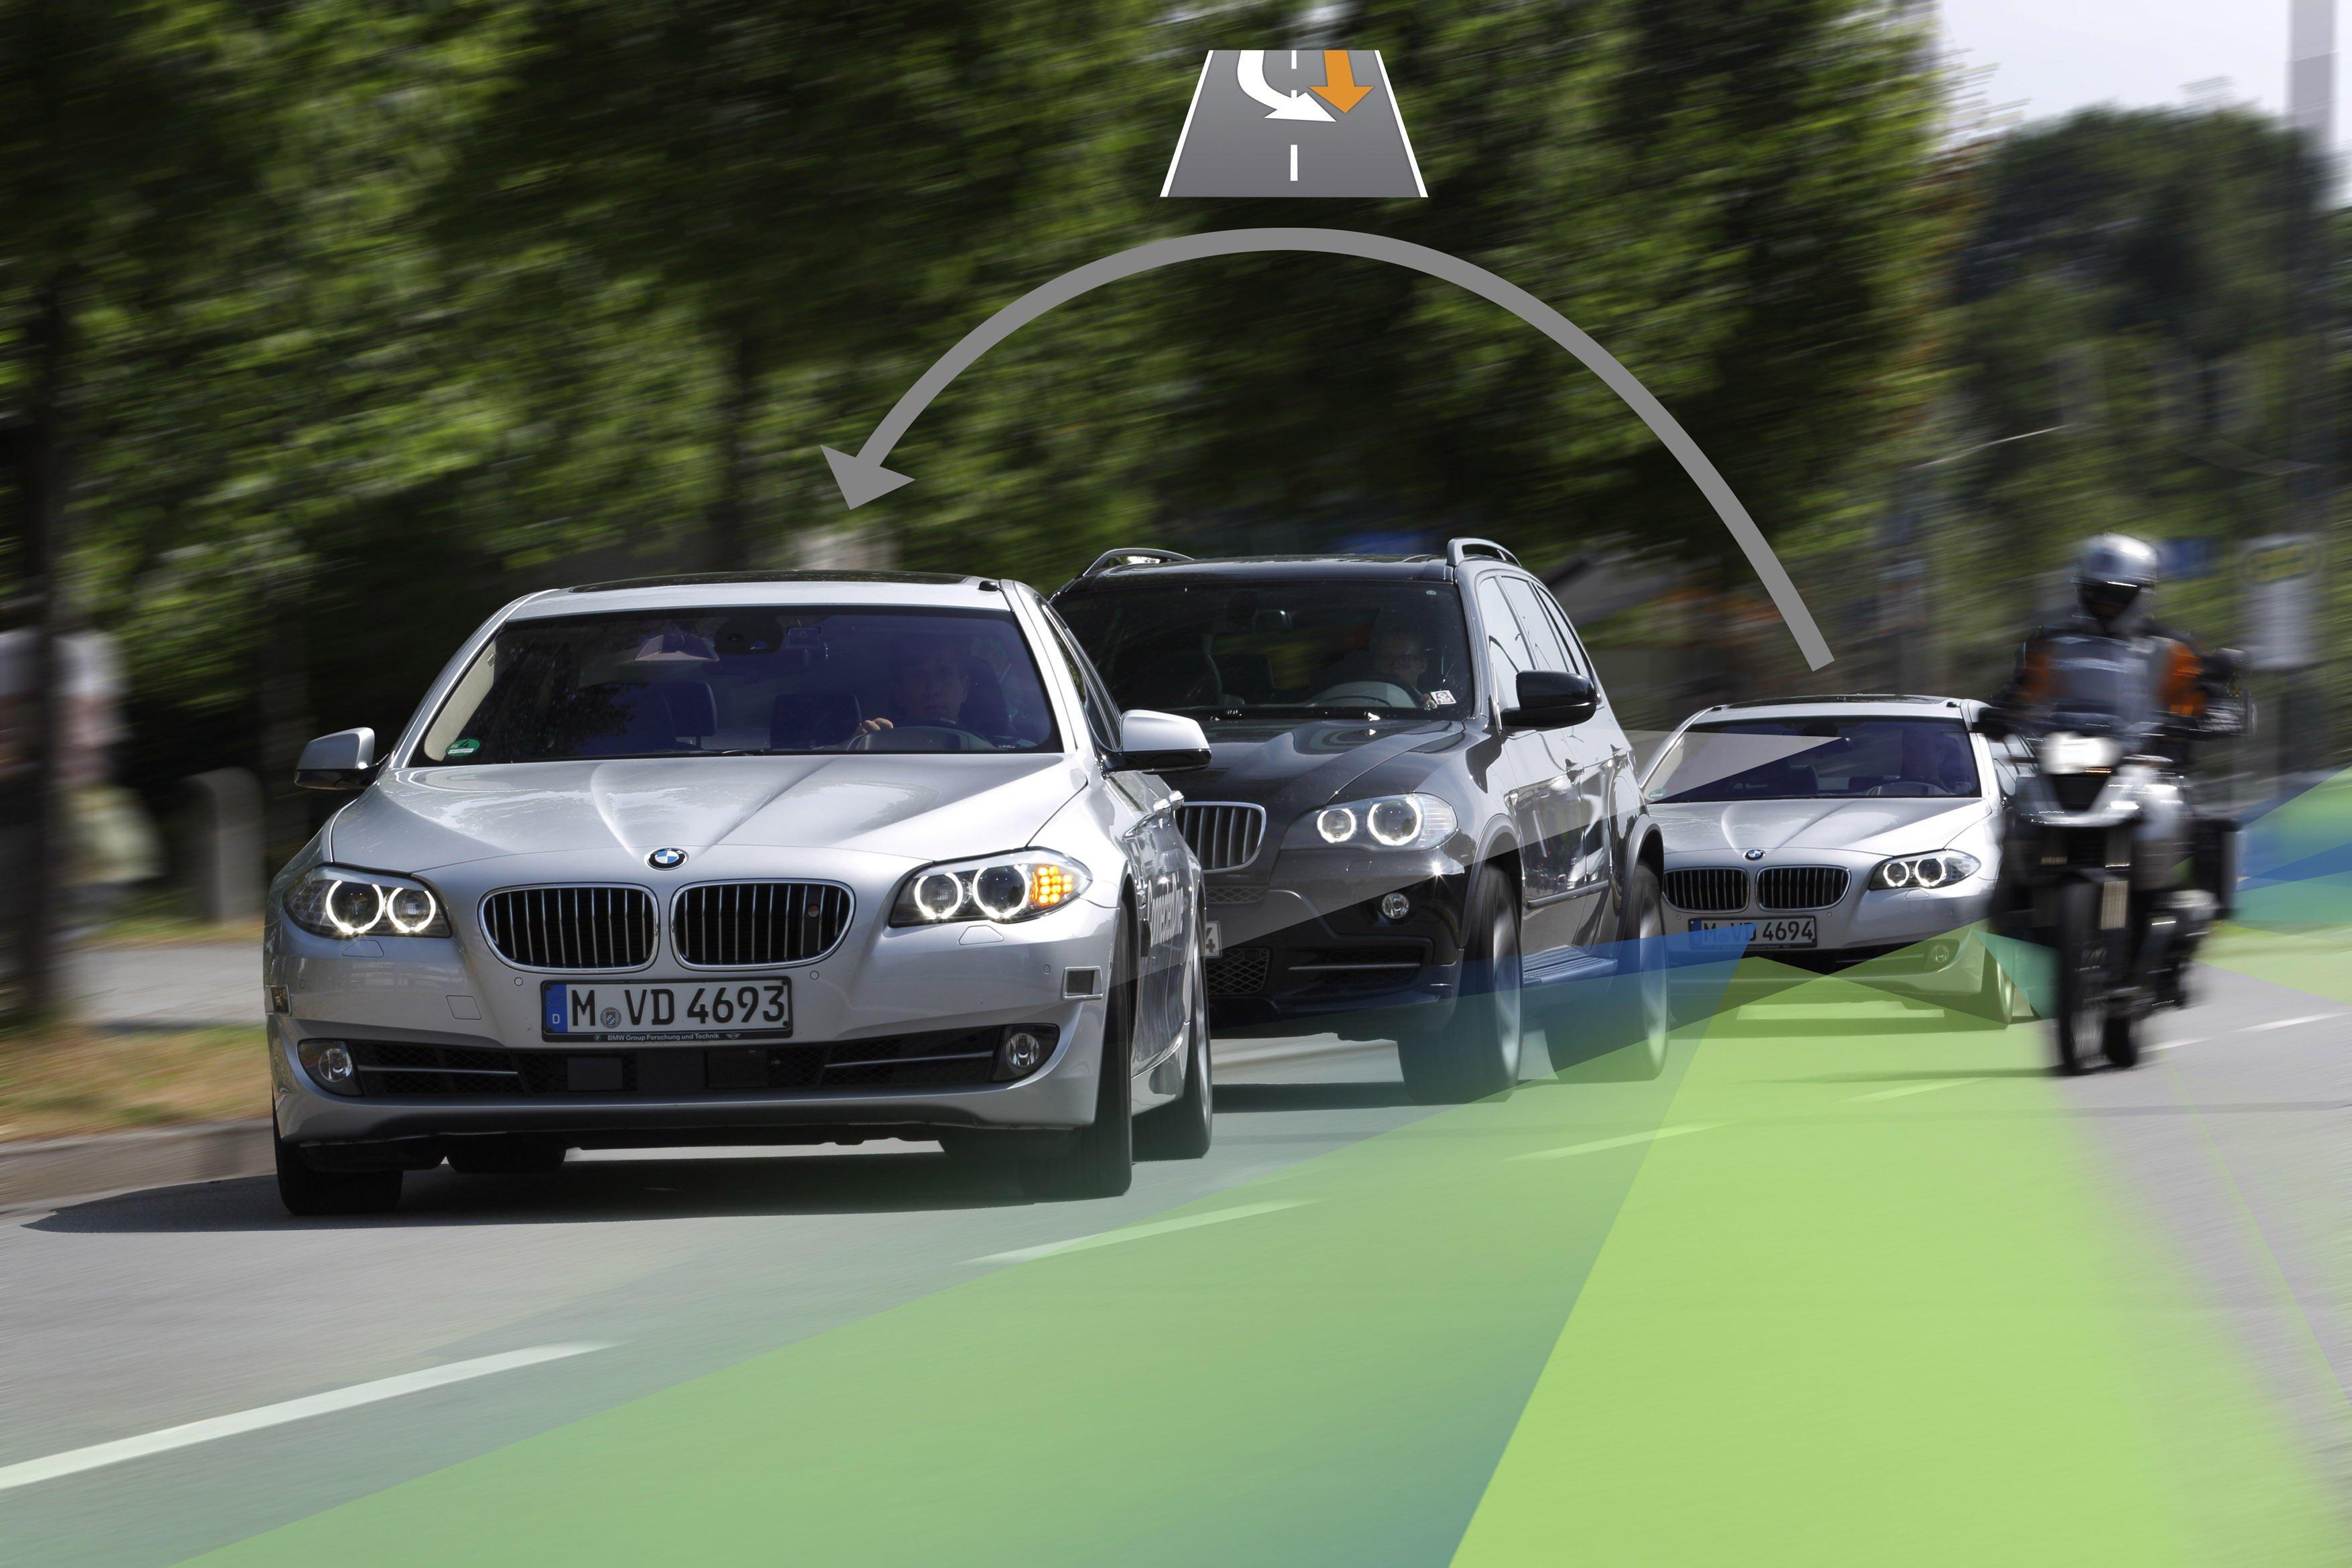 Transponder, die Motorradfahrer tragen, können vom Assistenzsystem im Auto geortet und so der Fahrer gewarnt werden. Transponder in Warndreiecken könnten künftig dafür sorgen, dass nachfolgende Autofahrer informiert sind.